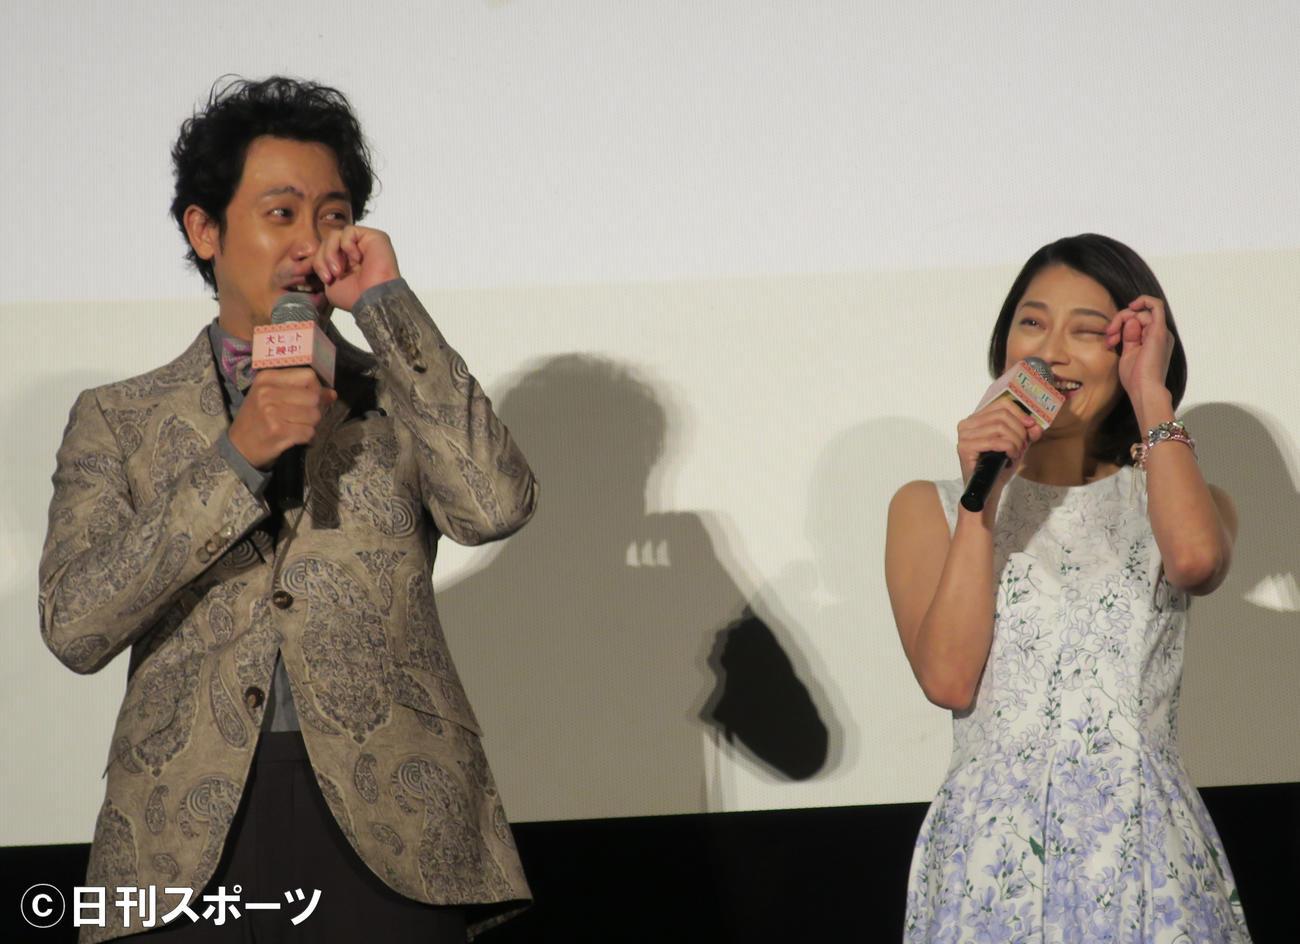 映画「グッドバイ~嘘からはじまる人生喜劇~」感謝御礼舞台あいさつで涙する小池栄子(右)と、うそ泣きをする大泉洋